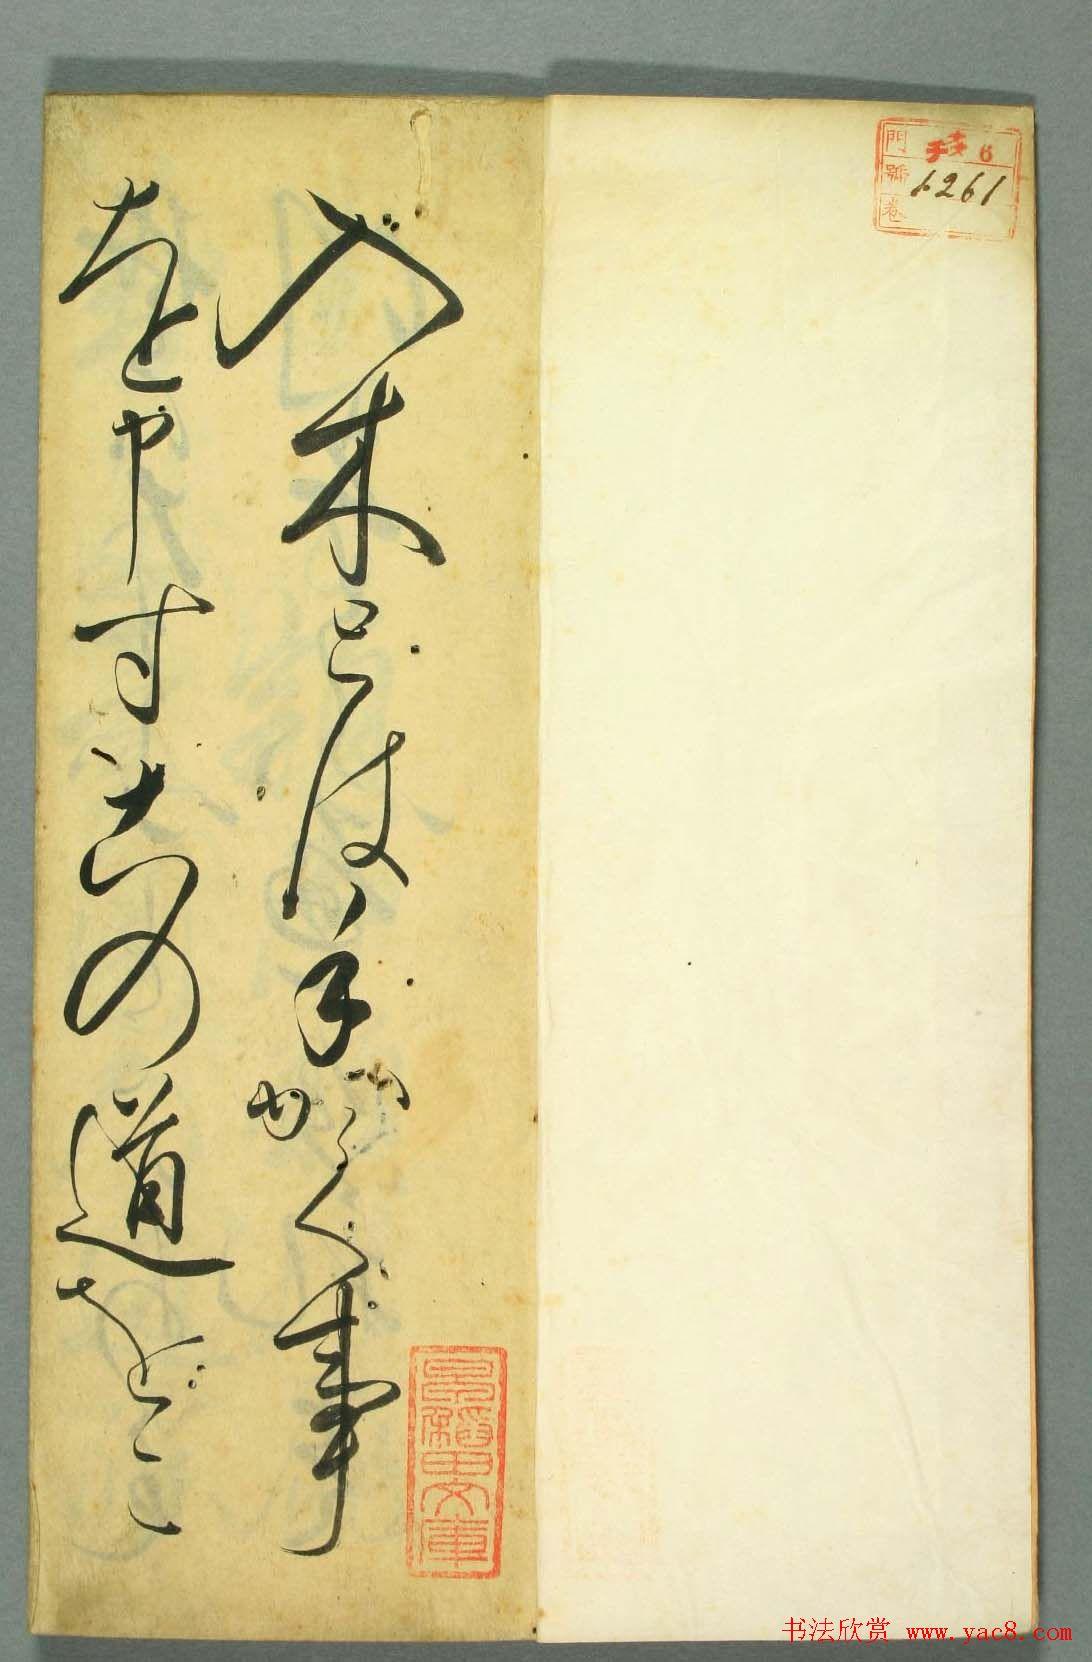 日本书法作品集行草书入木道